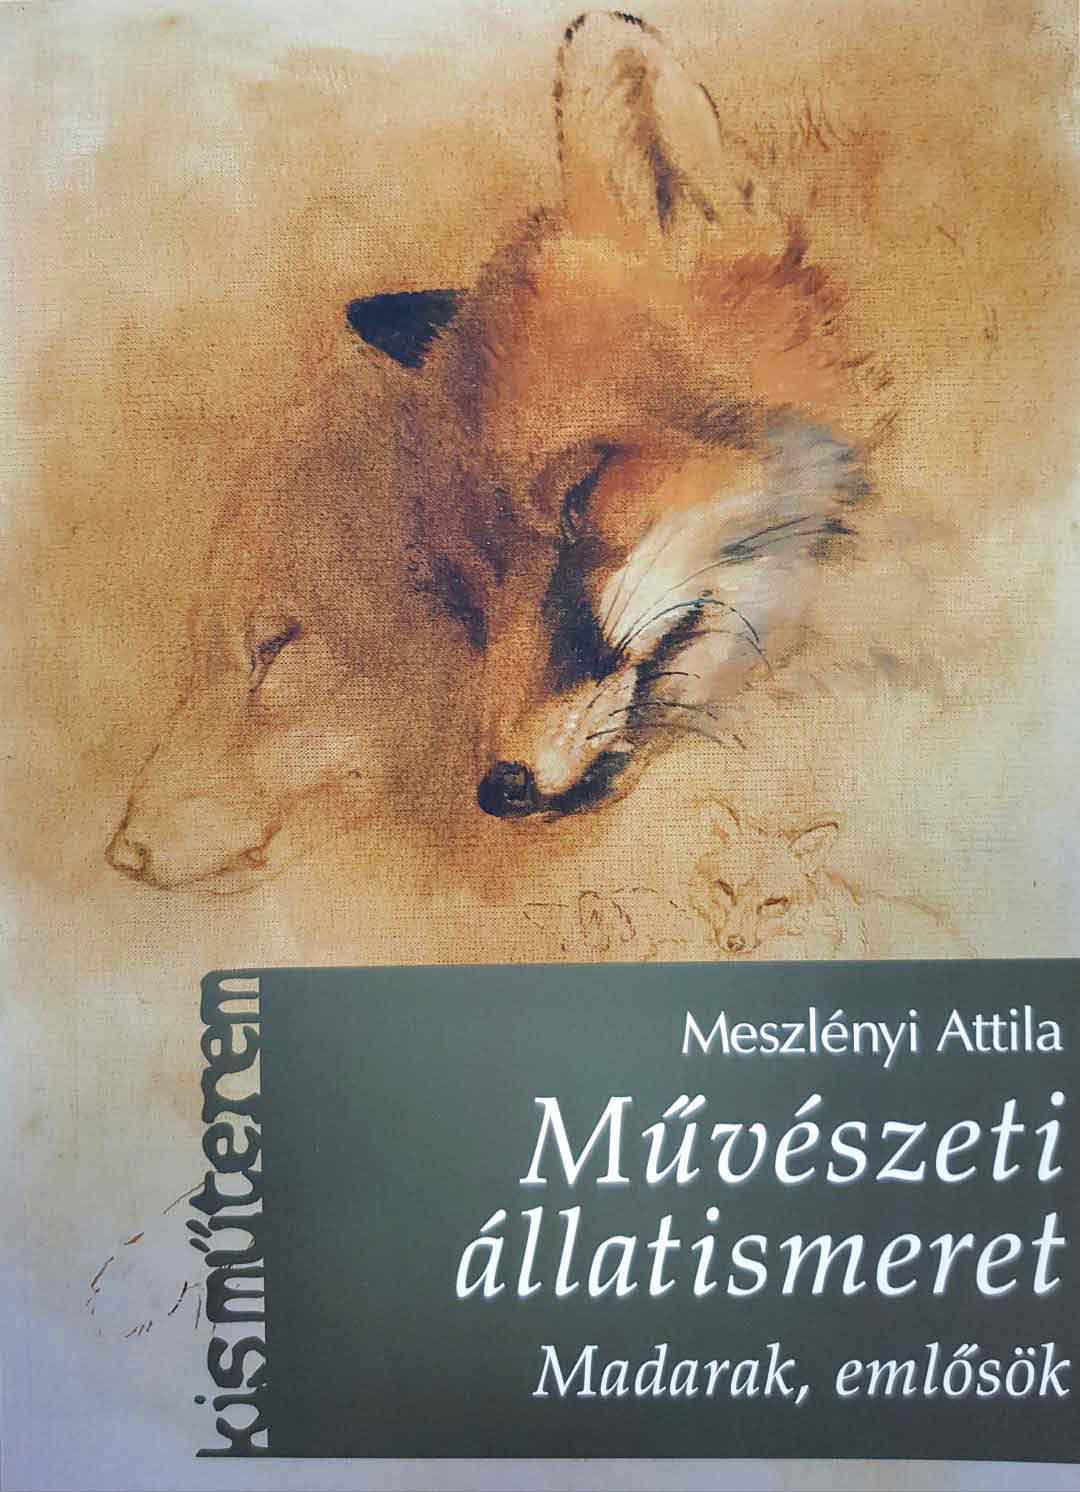 VU - Meszlényi Attila: Művészeti állatismeret